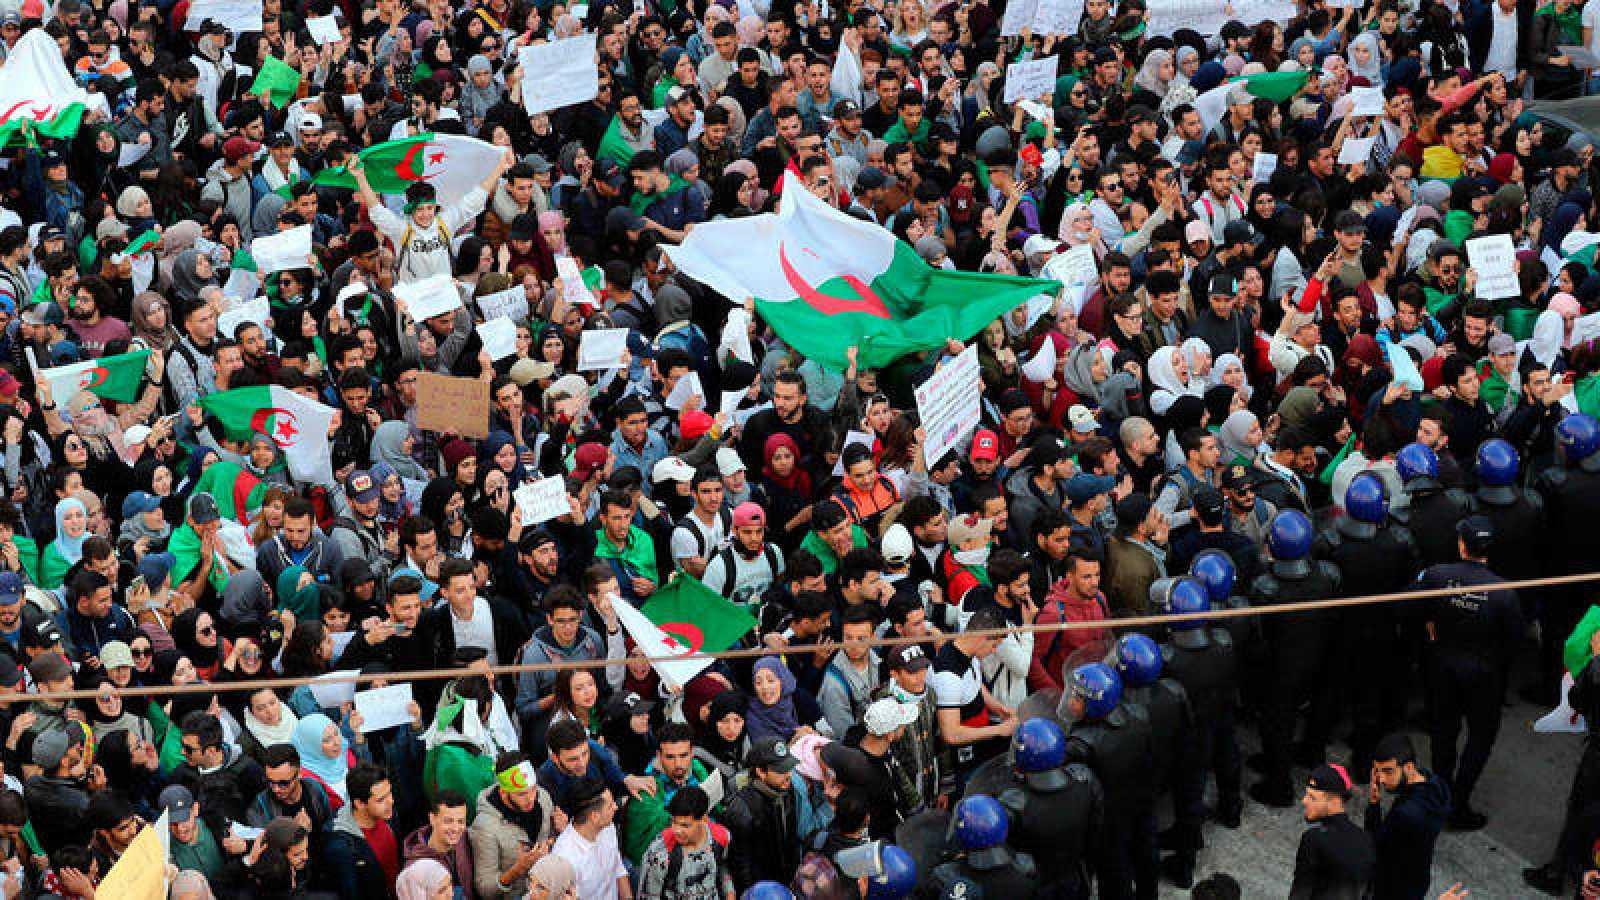 Estudiantes argelinos protestan contra la decisión del presidente del país, Abdelaziz Buteflika, de optar a un quinto mandato pese a su enfermedad